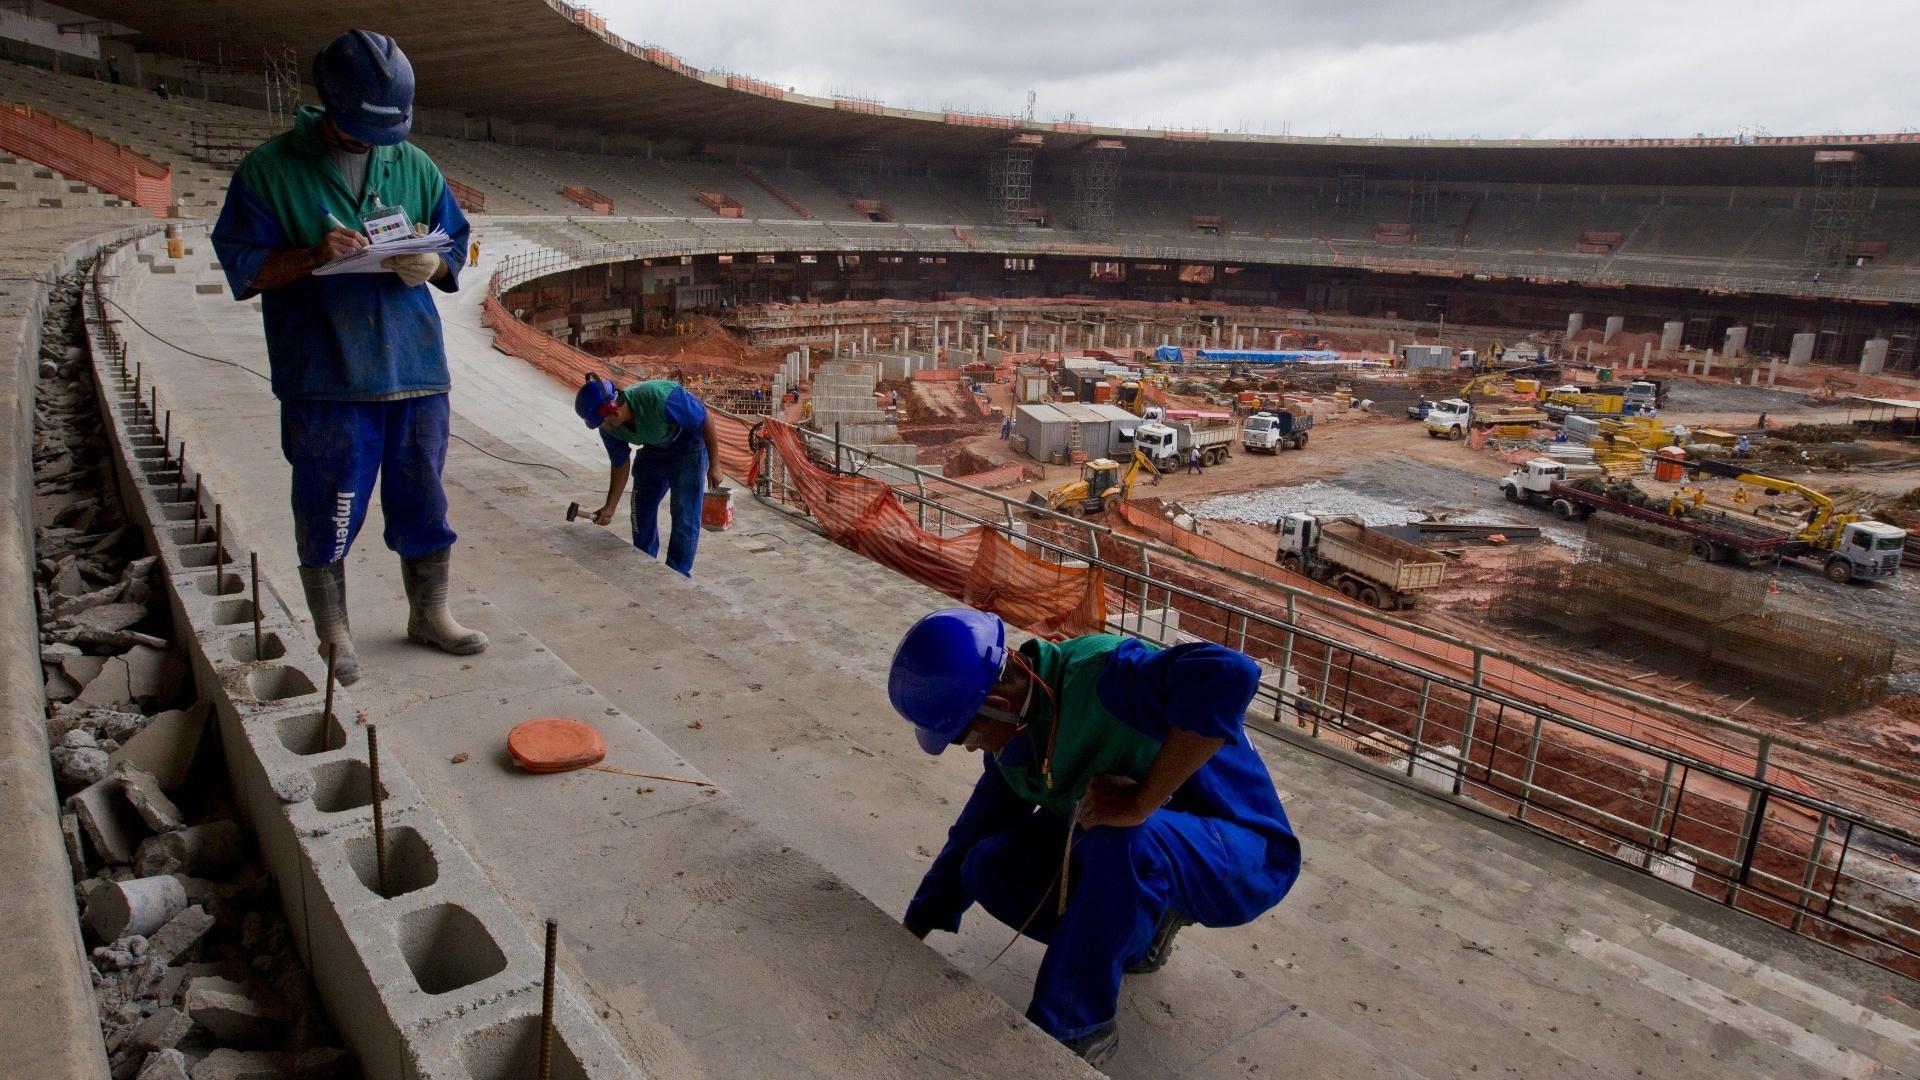 Comissão de Desenvolvimento Urbano afirma que só 5% das obras estruturais da Copa do Mundo de 2014 foram realizadas, Via UOL Esportes